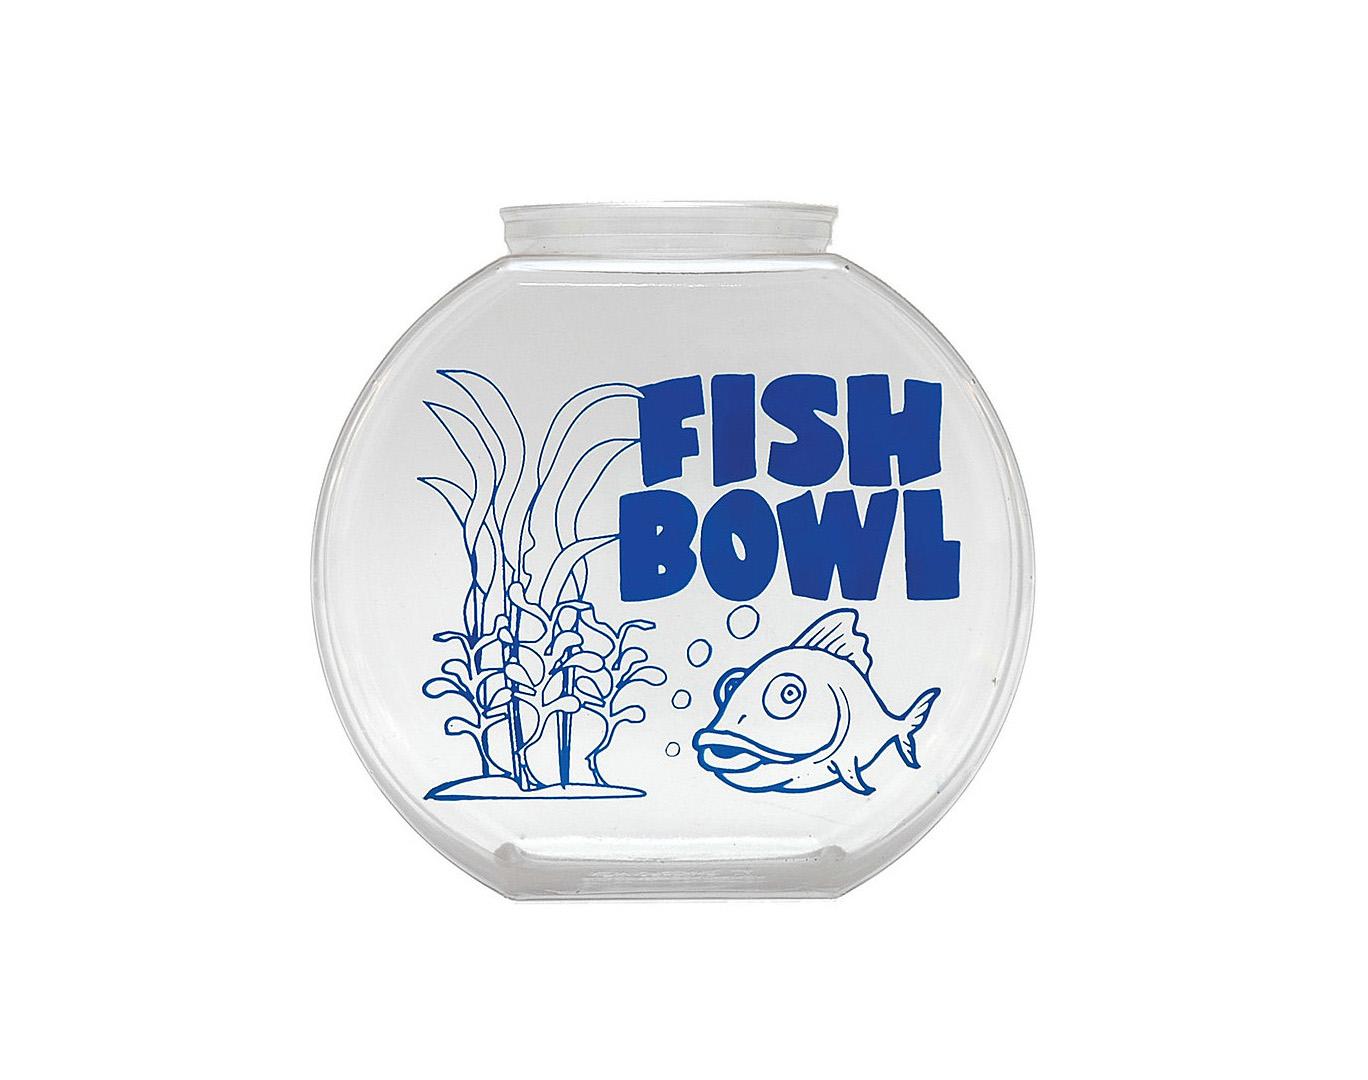 64 OZ FISHBOWL